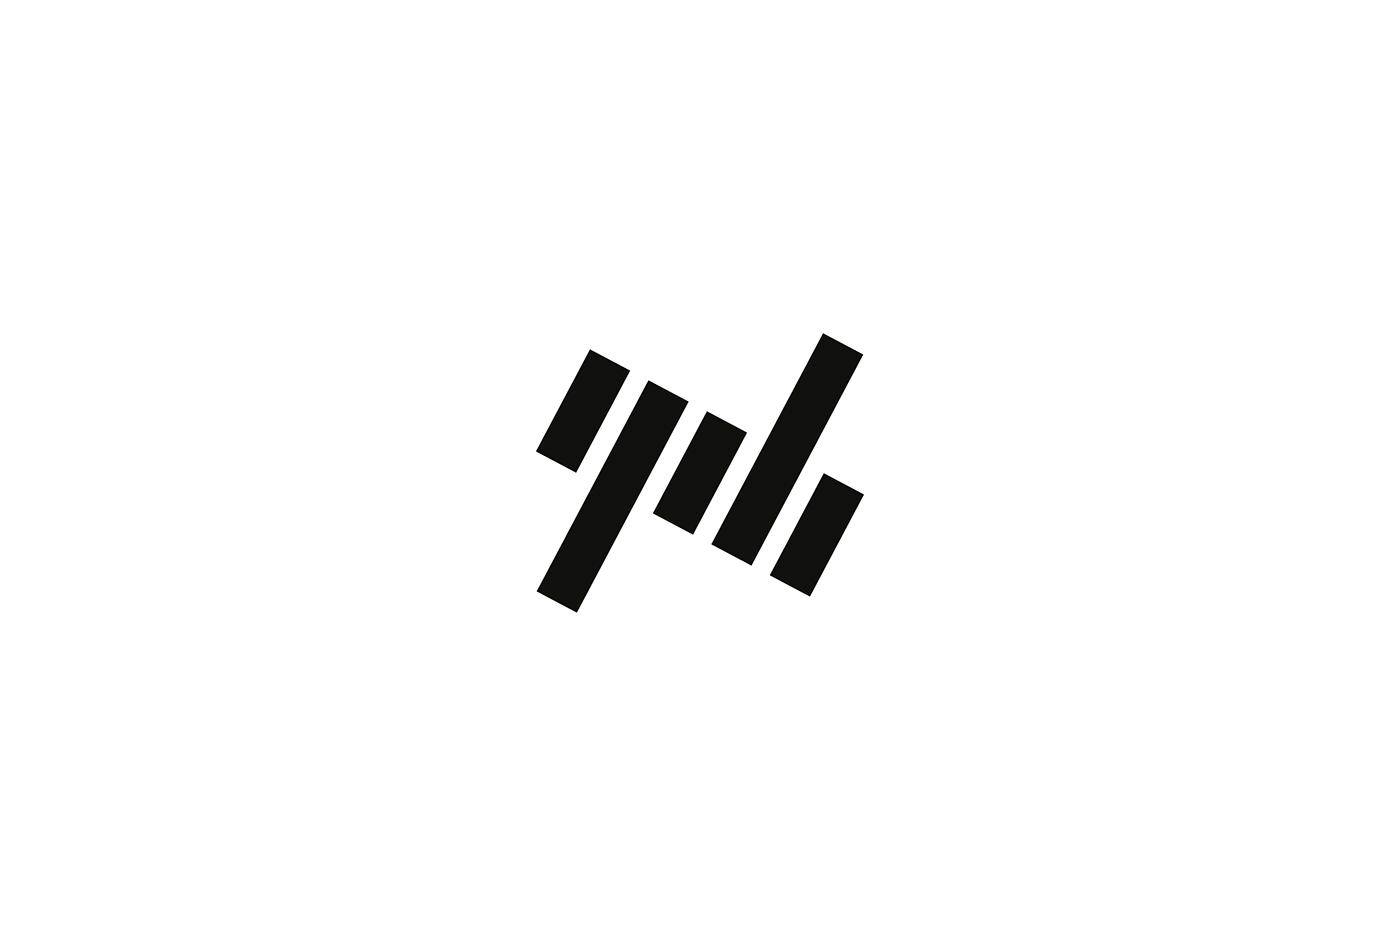 tt brand logo monogram mark Logotype type tshirt Mode Street Stationery Style finger middle finger crossing